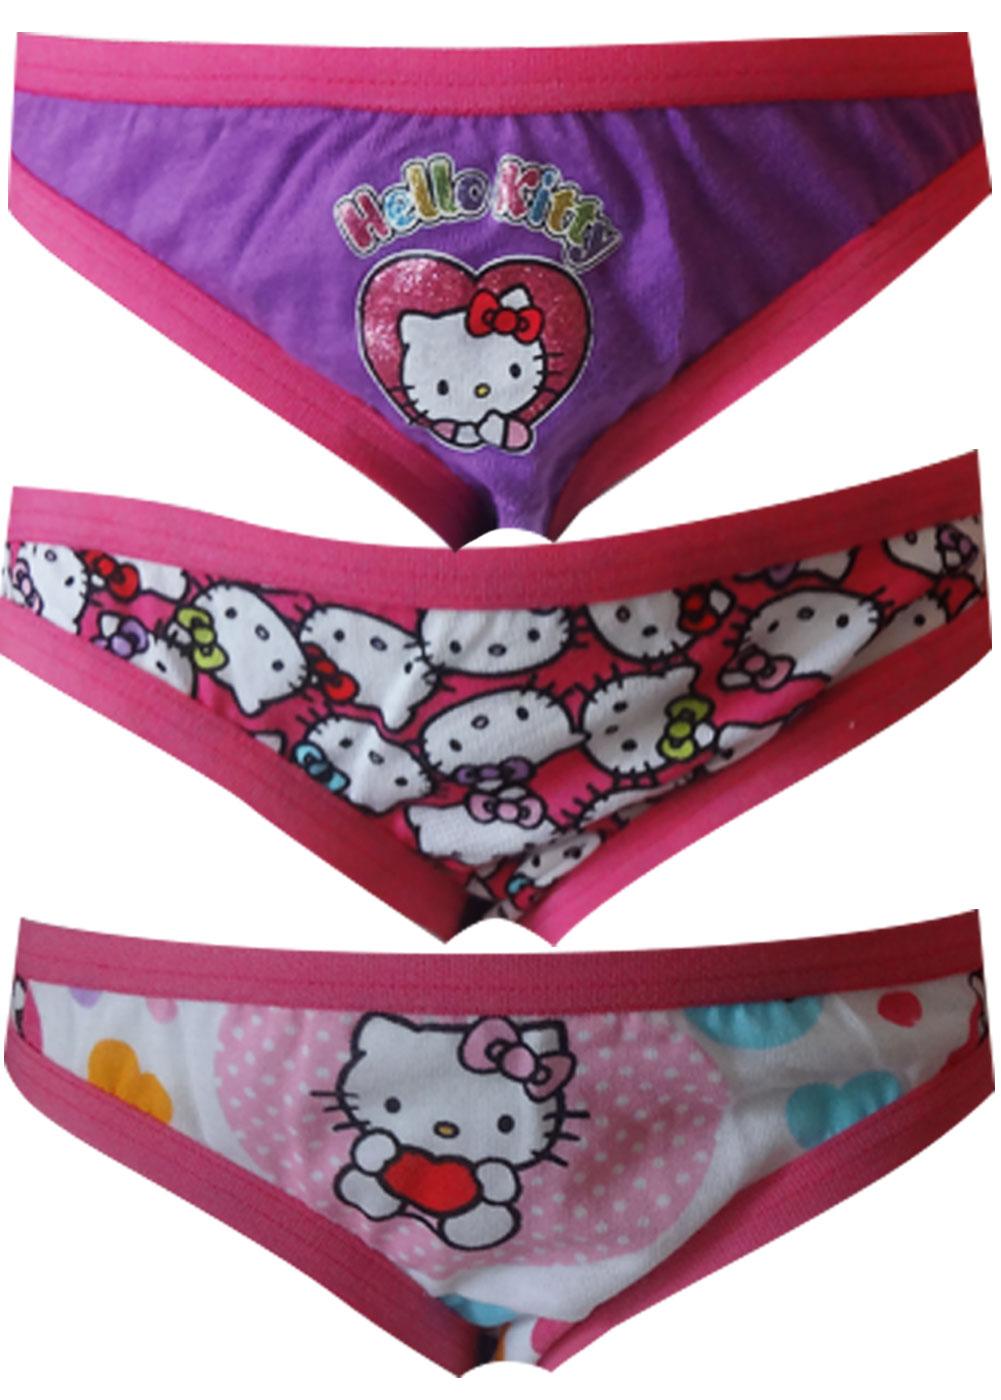 Hello Kitty 3 Pack Girls Bikini Style Panties for girls